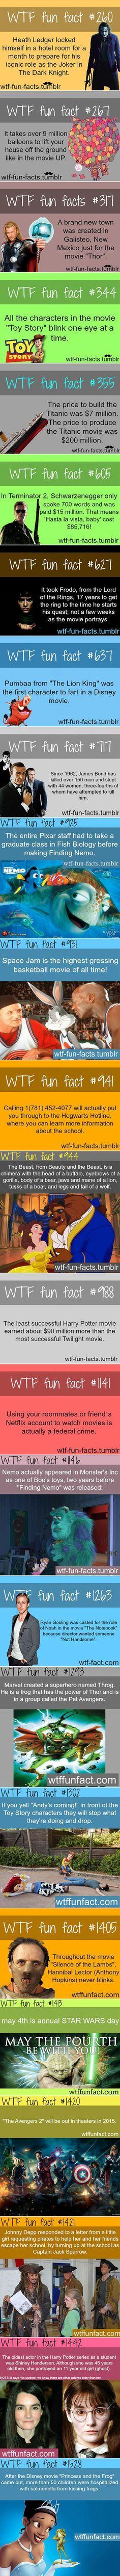 Film fact